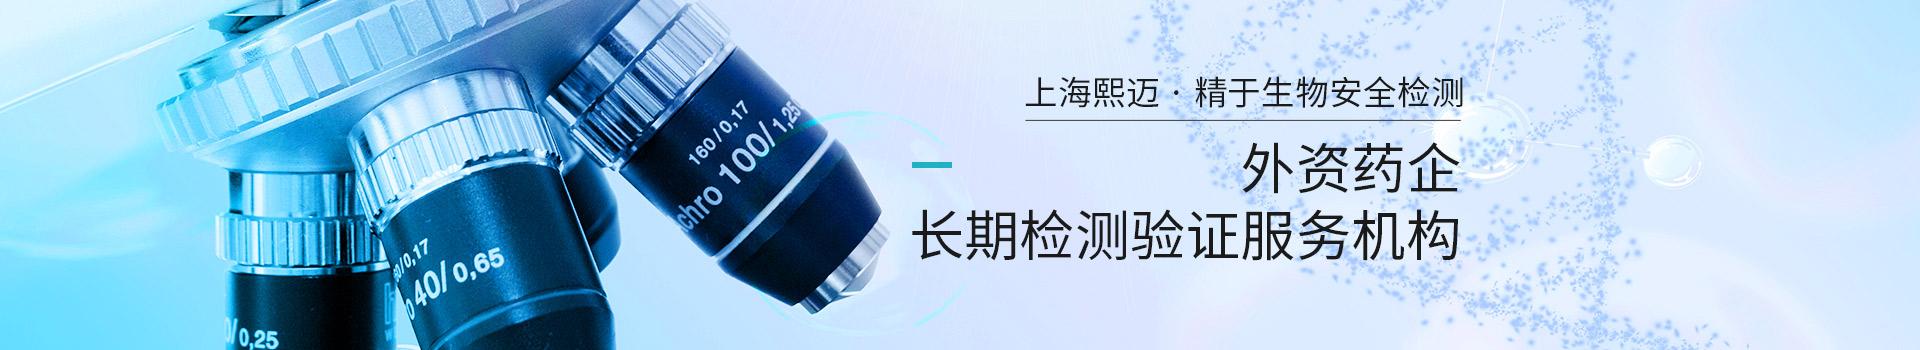 上海熙迈精于生物安全检测